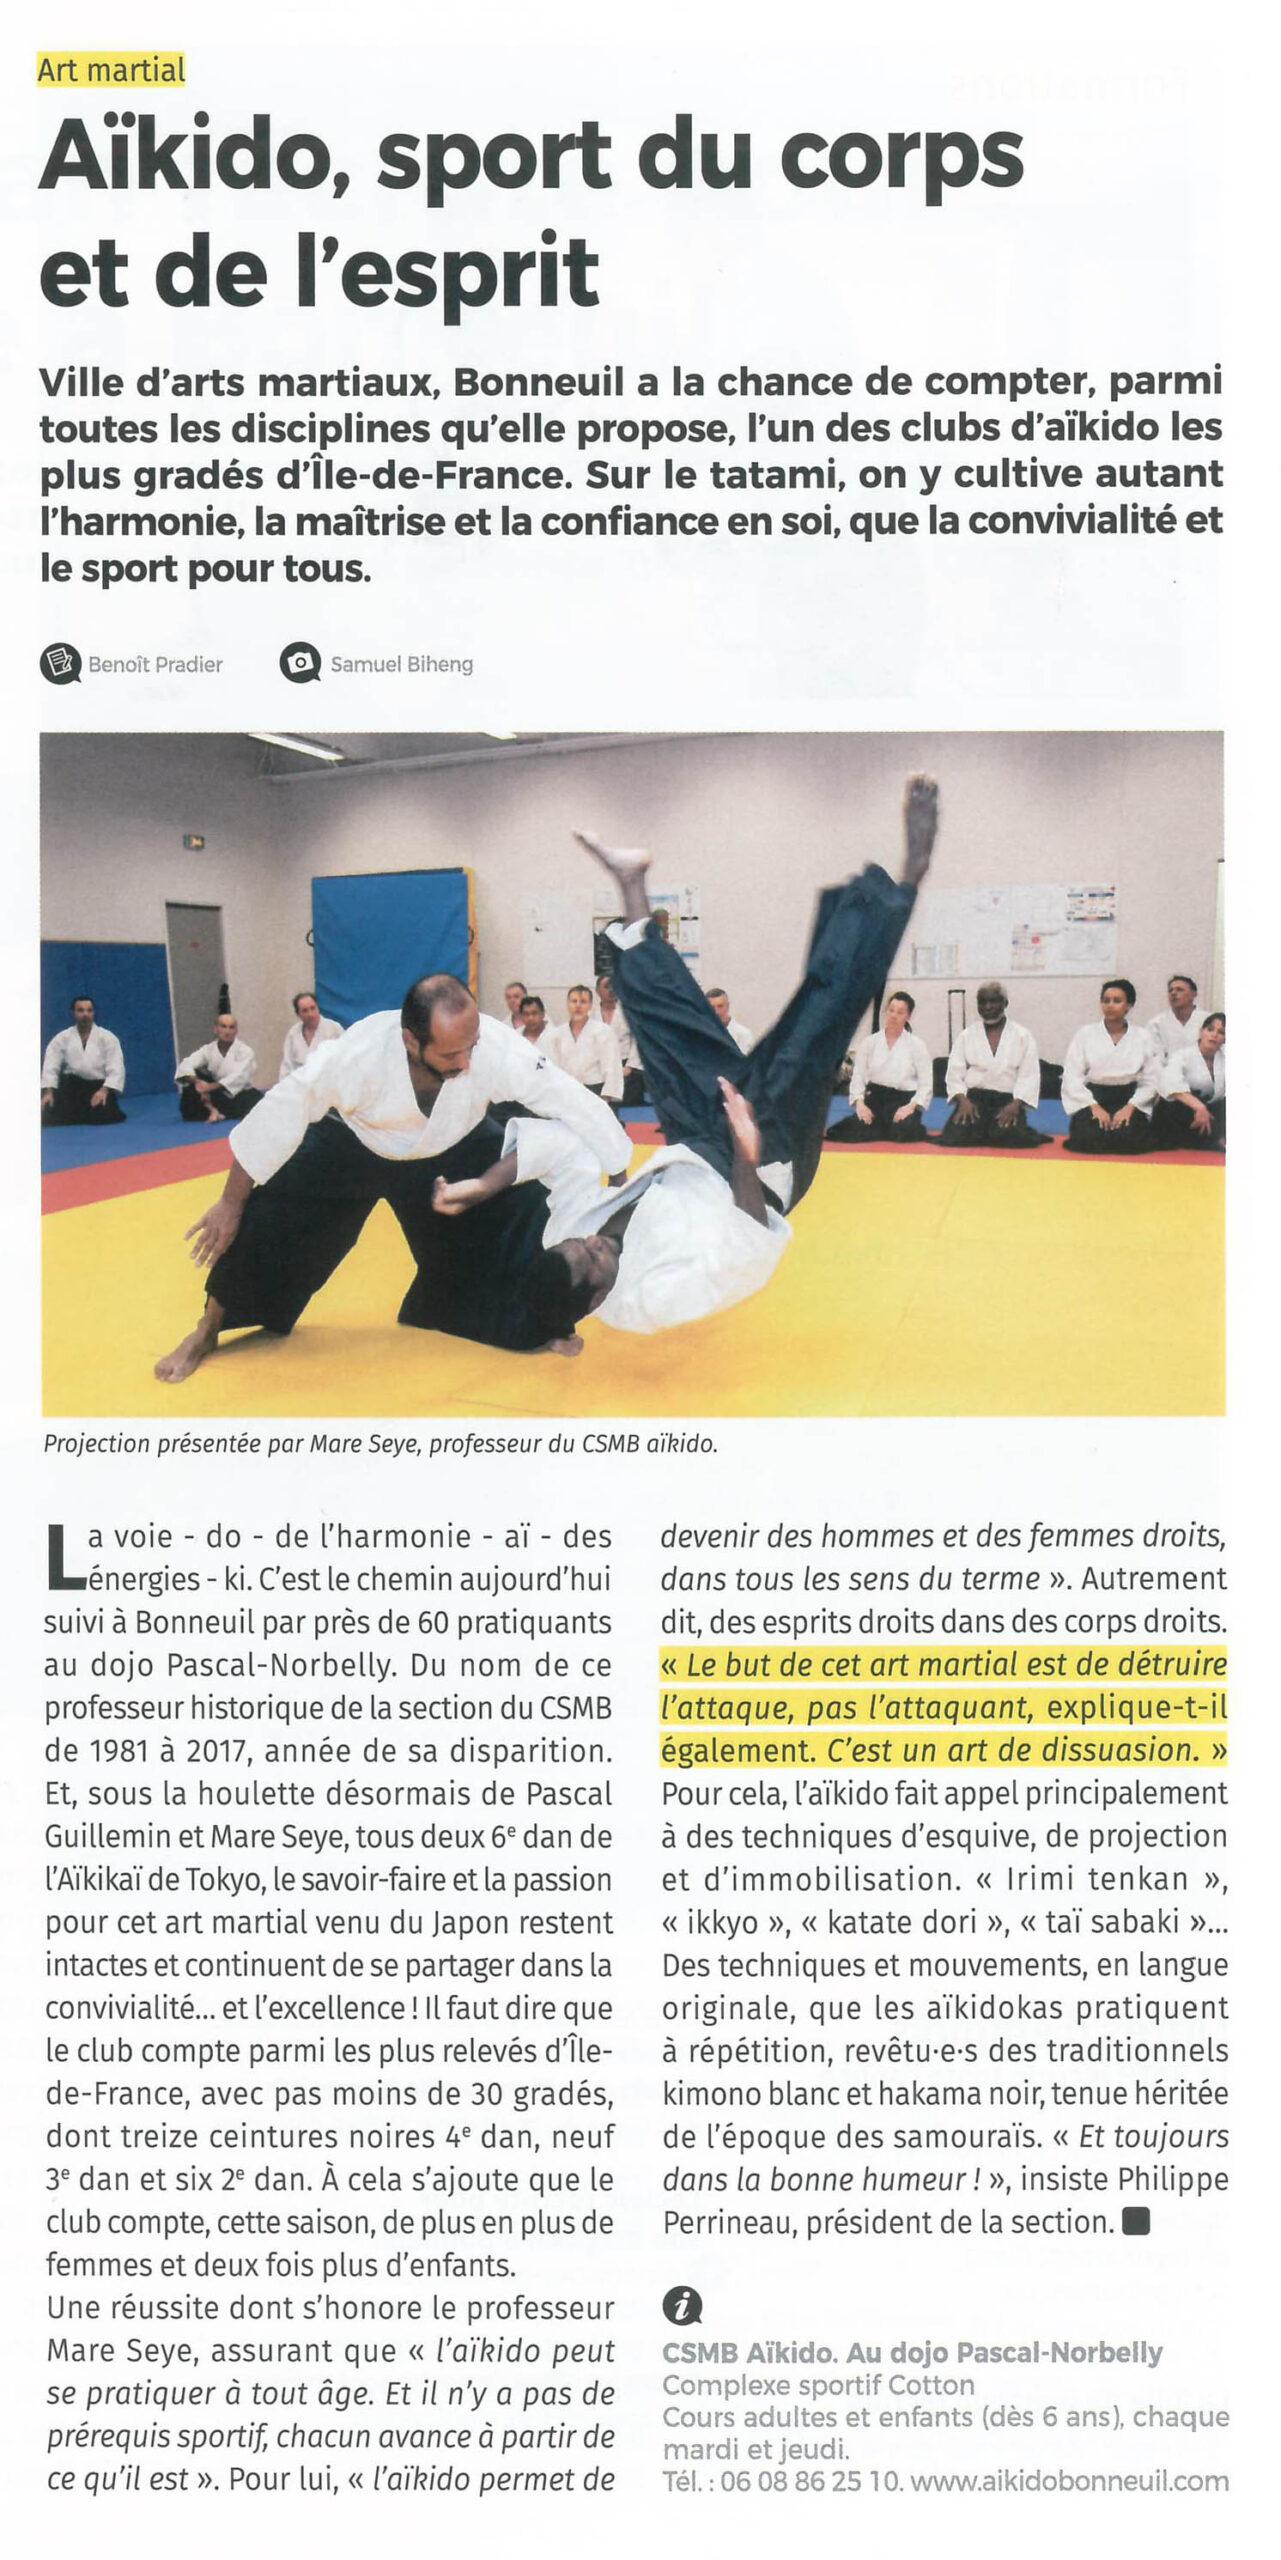 Article dans B/M, magazine de la ville de Bonneuil sur Marne. Par Benoît Pradier et Samuel Biheng (image). Rubrique « temps libre », p. 34 (décembre 2019).